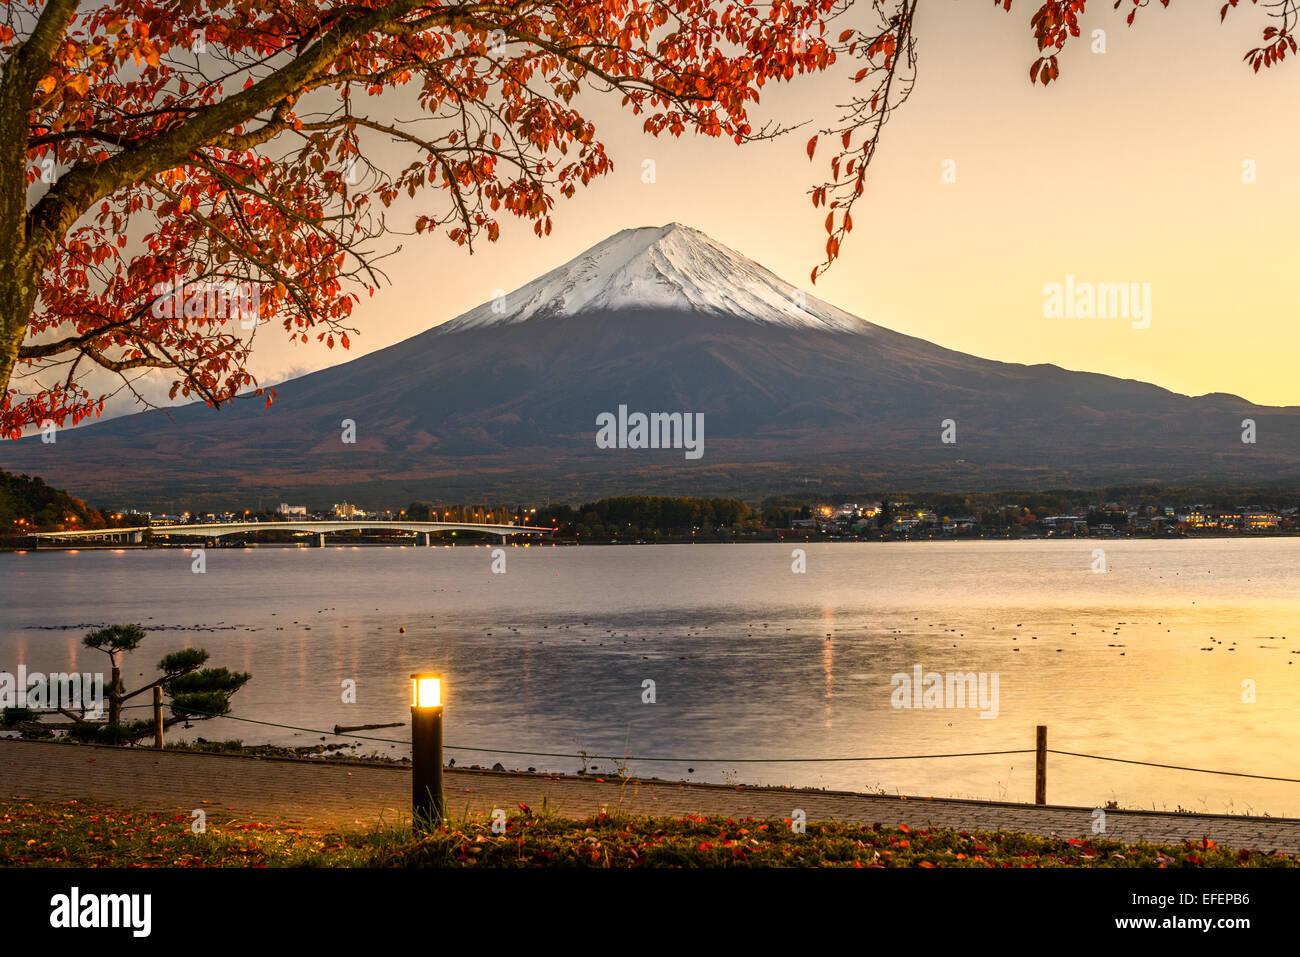 Mt. Fuji with autumn foliage at Lake Kawaguchi in Japan. - Stock Image